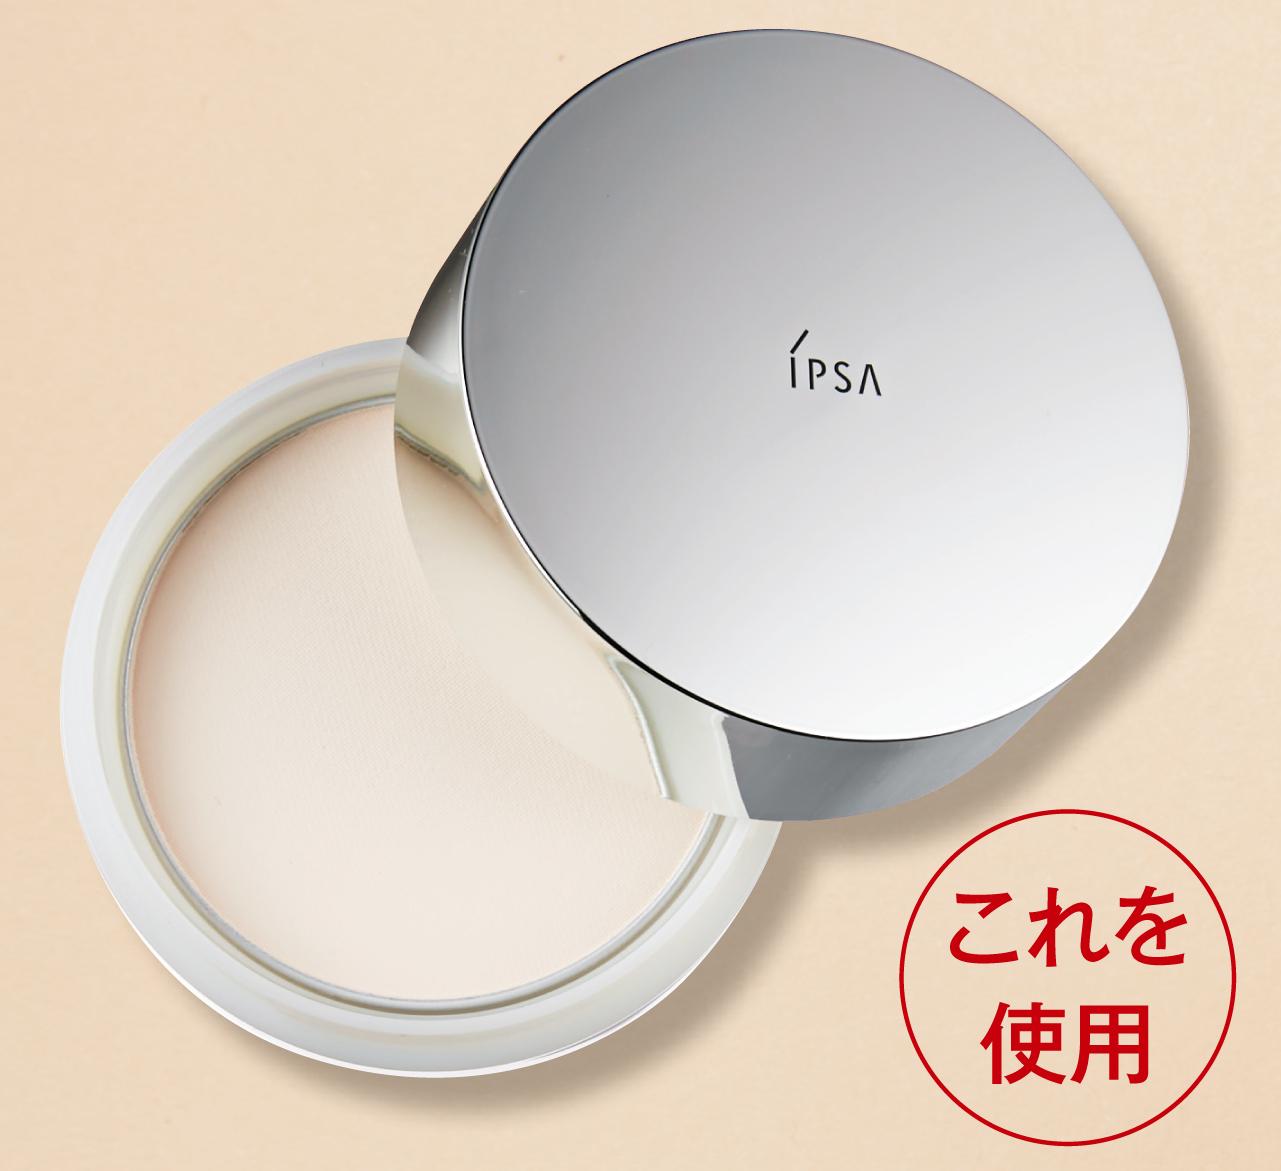 スキンケアパウダー〈医薬部外品〉25g ¥5,500/イプサ